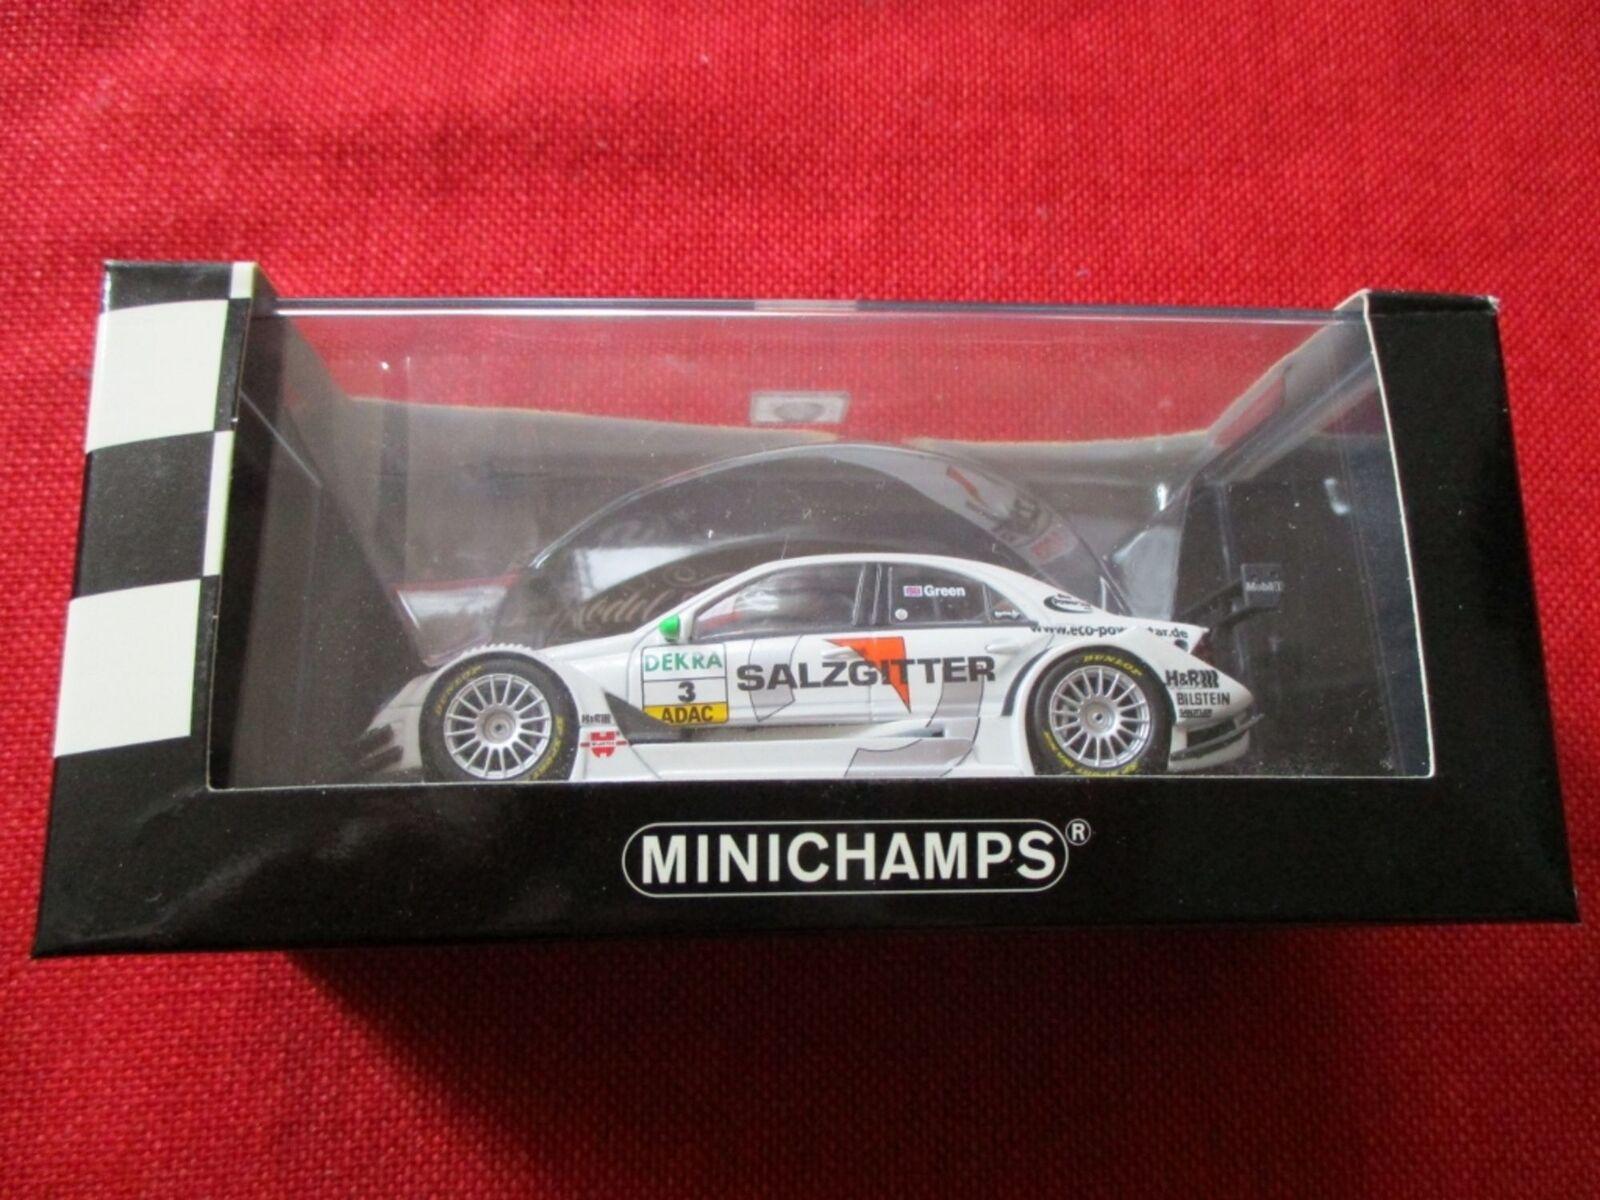 MINICHAMPS ® 400 063603 1 43 Mercedes C-CLASS DTM 2006 TEAM AMG-Mercedes J. vert